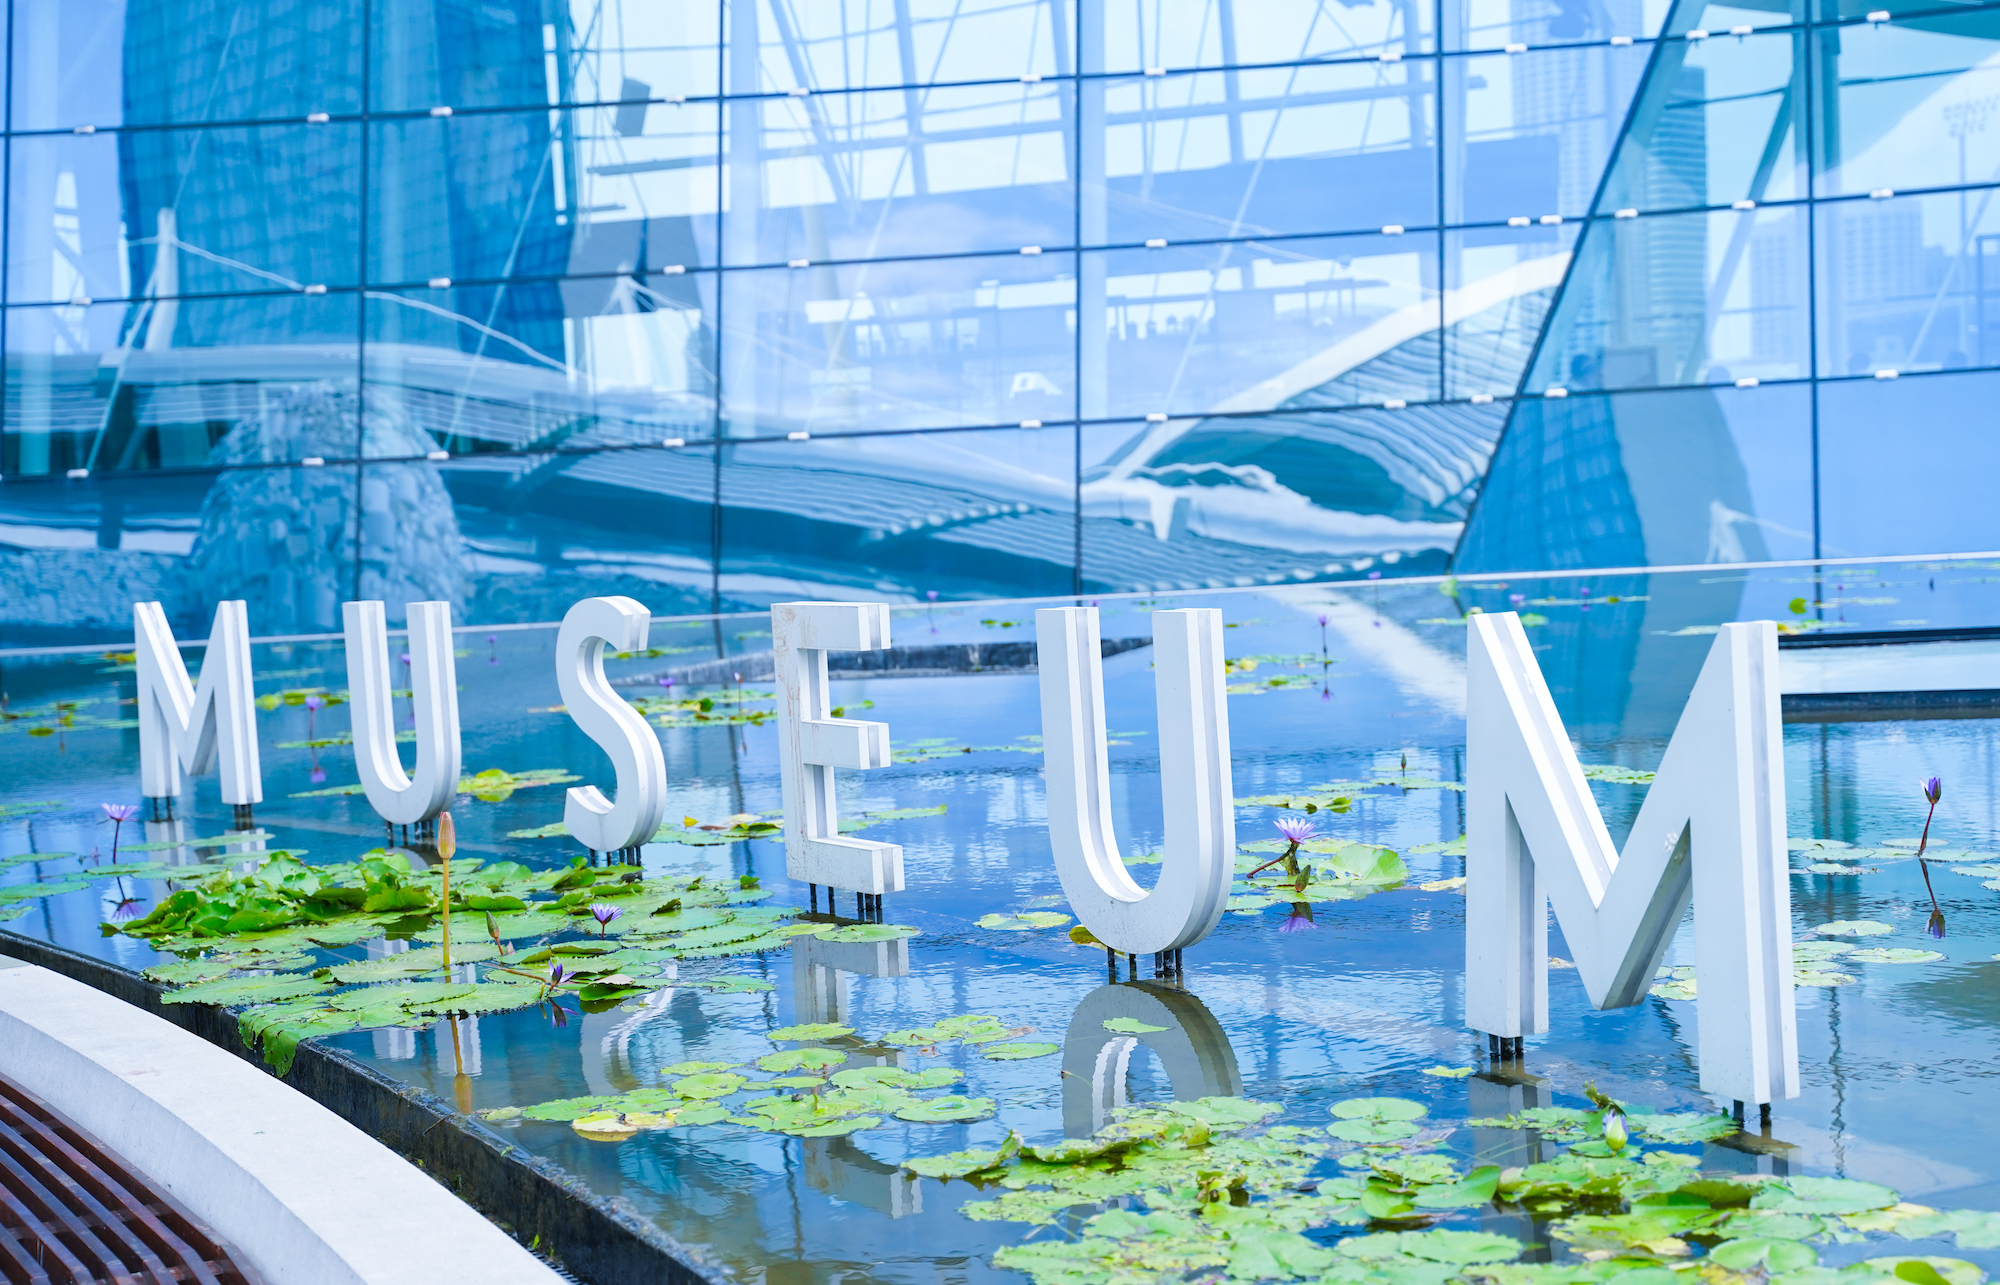 シンガポールのマリーナベイサンズ横のマリーナ湾にあるMUSEUM/2019年12月1日:撮影:SHUN ONLINE